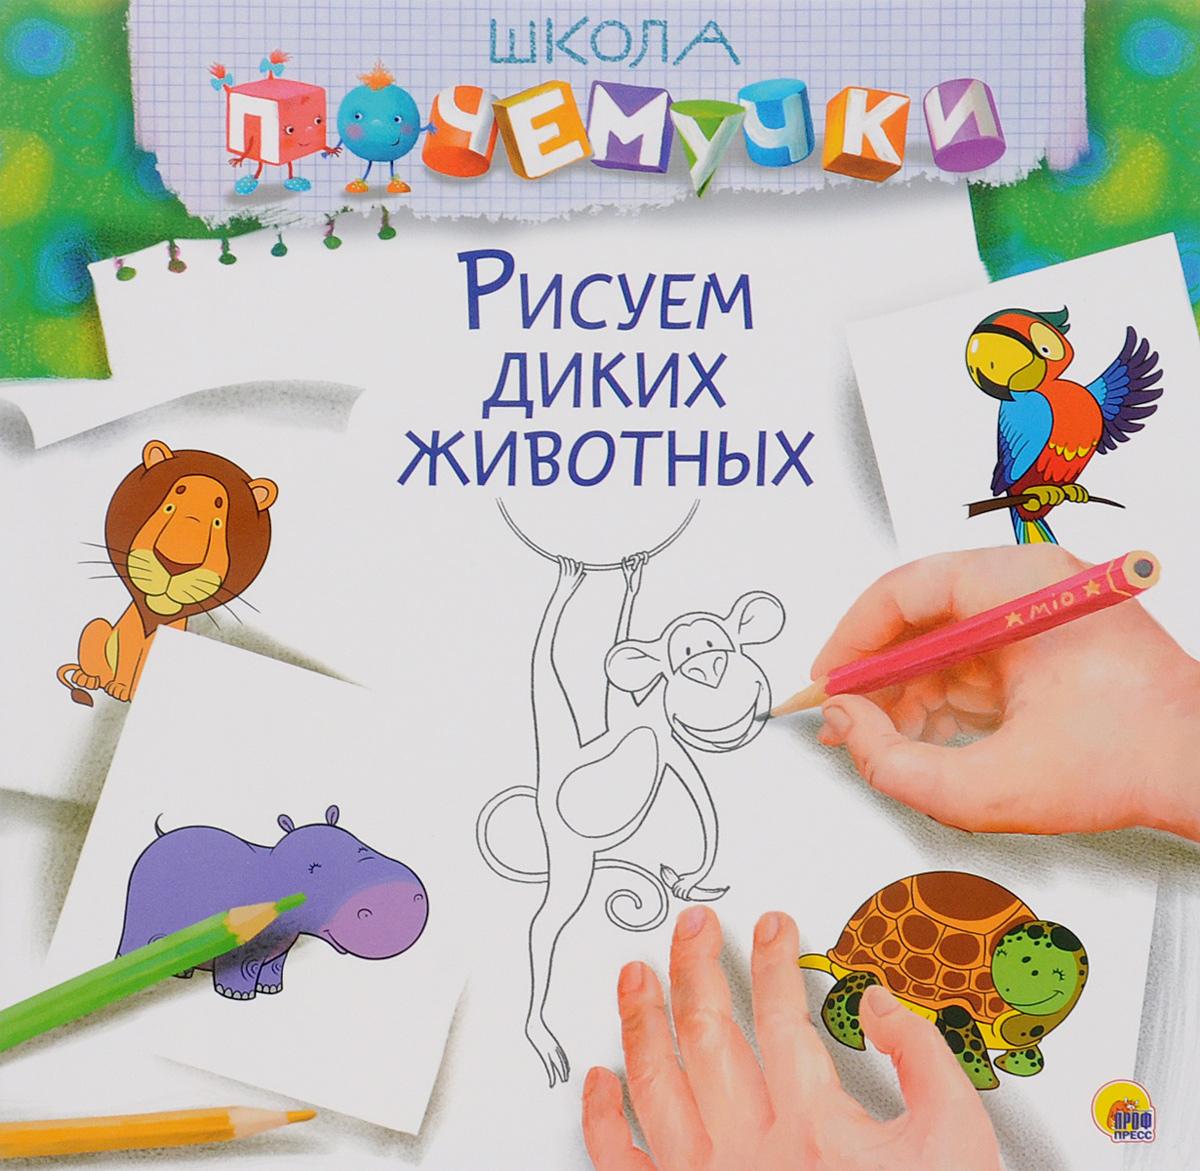 Рисуем диких животных